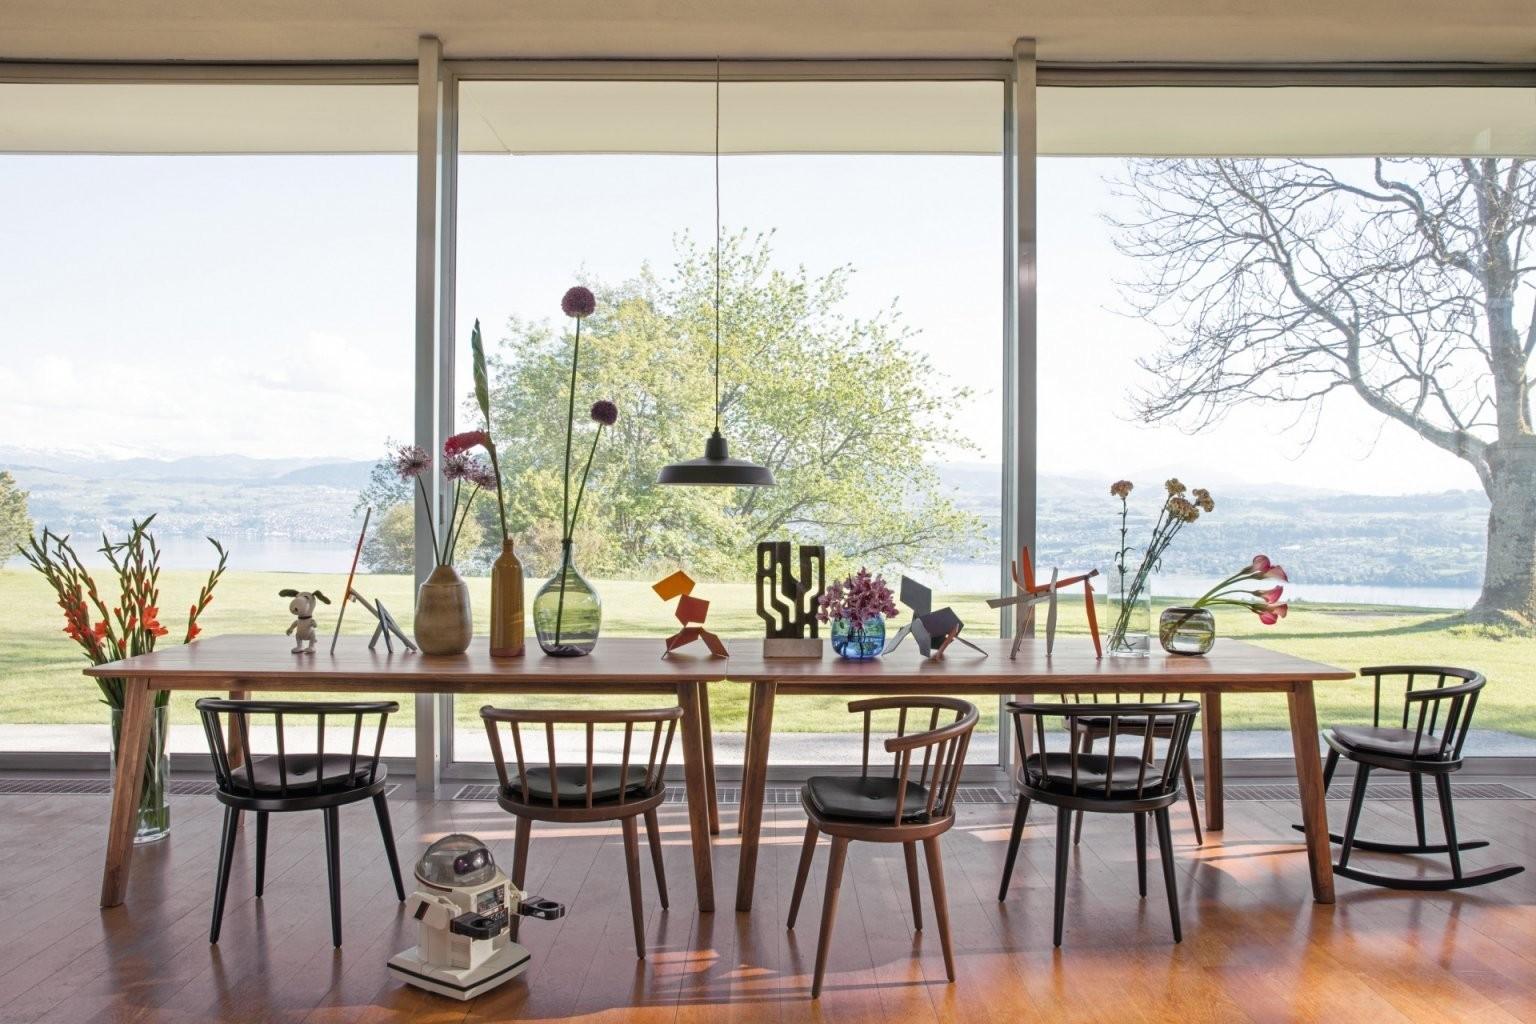 Tisch Und Stuhl  Ein Unzertrennliches Paar  Newhomech  Blog von Antiker Esstisch Mit Stühlen Bild